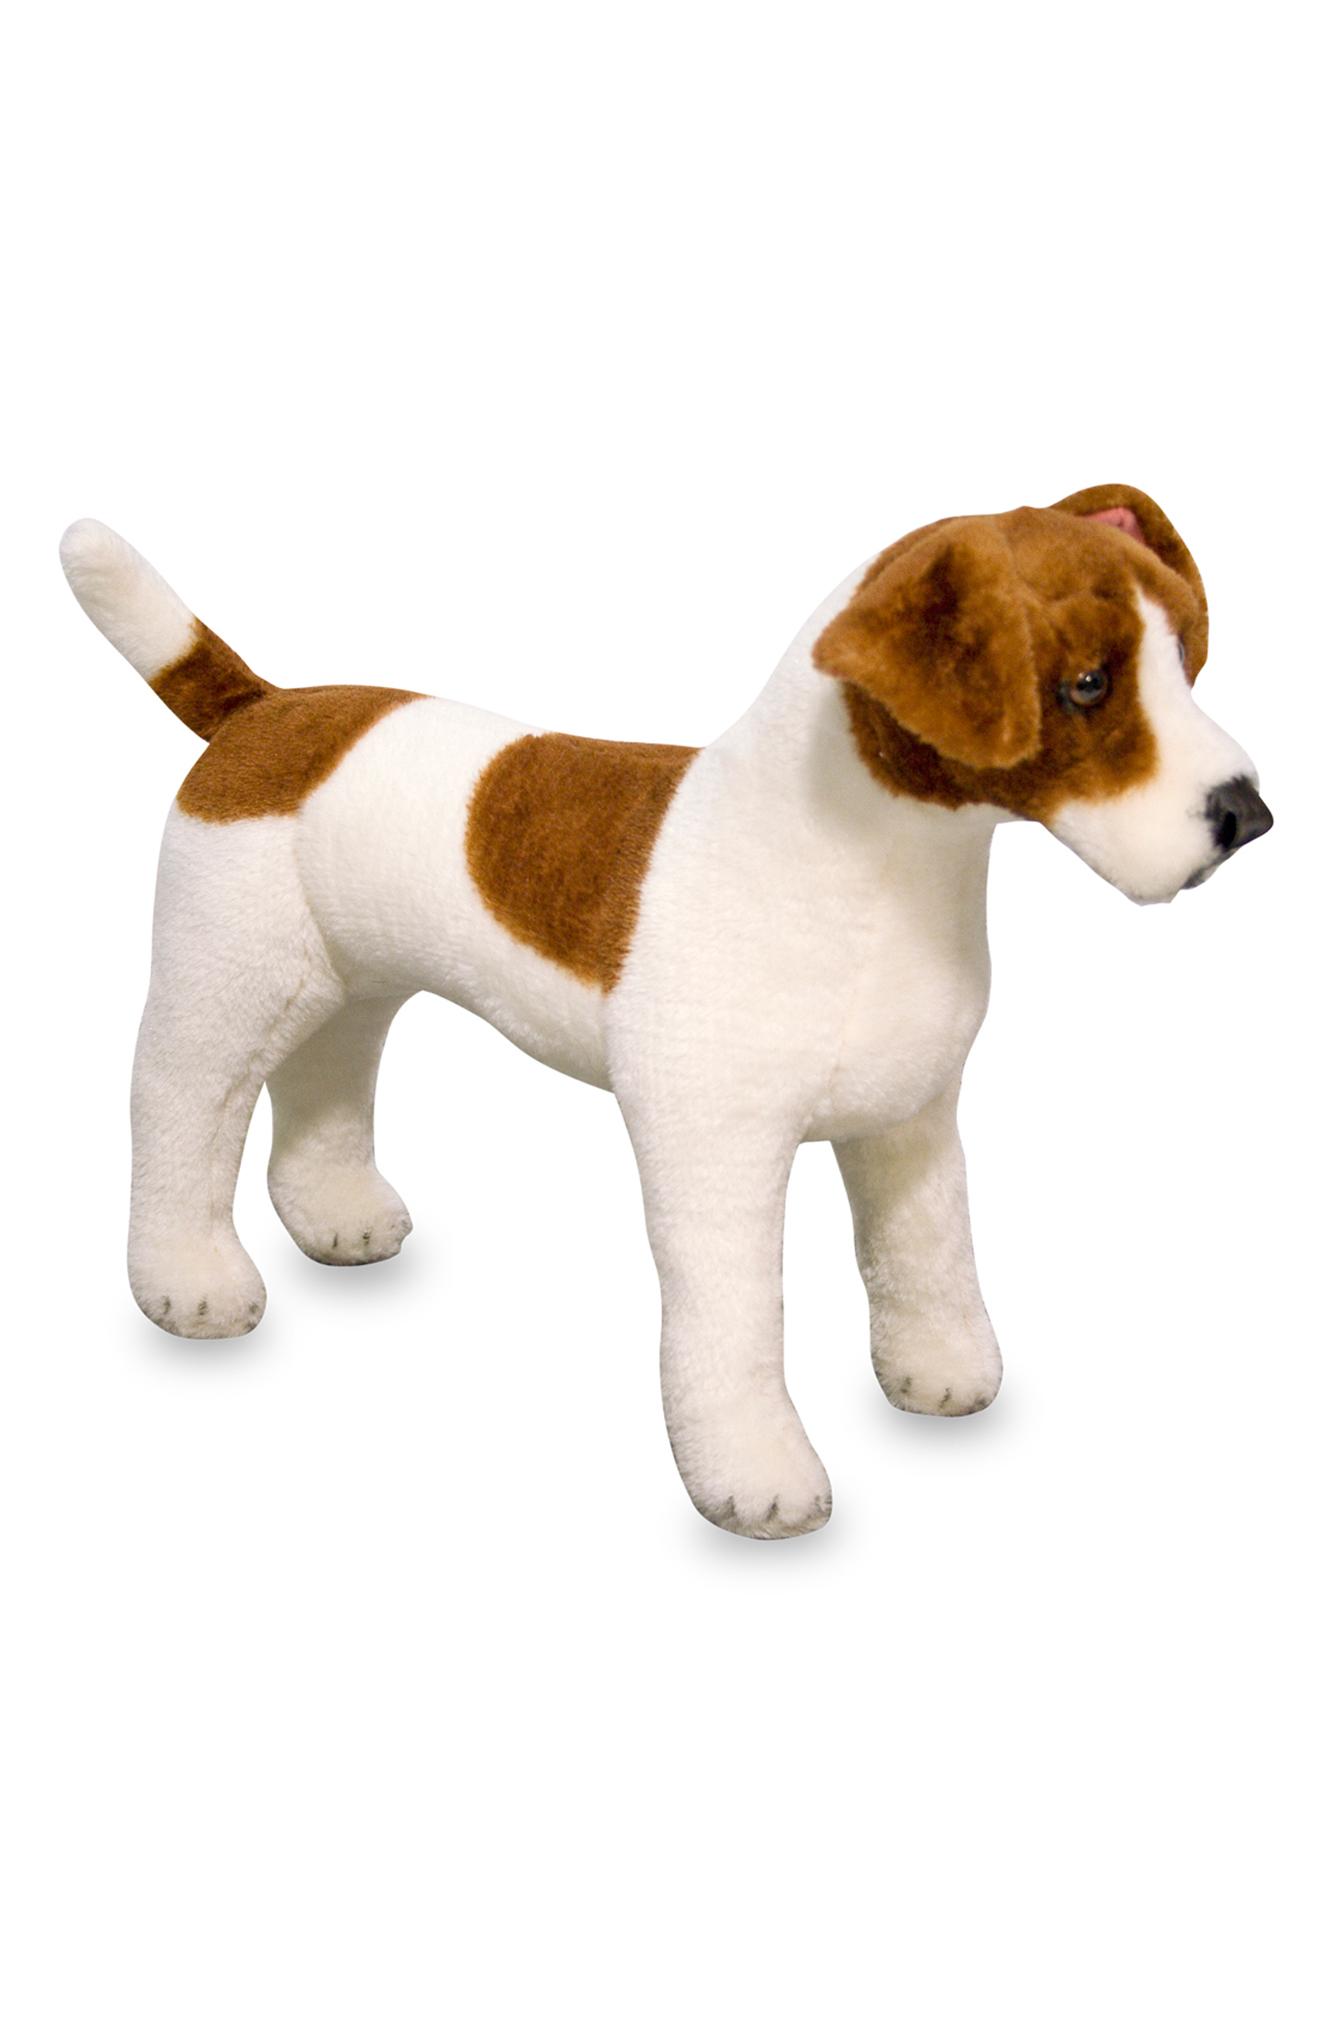 Мягкая игрушка  Джек-Рассел-терьер - Собаки, артикул: 156918